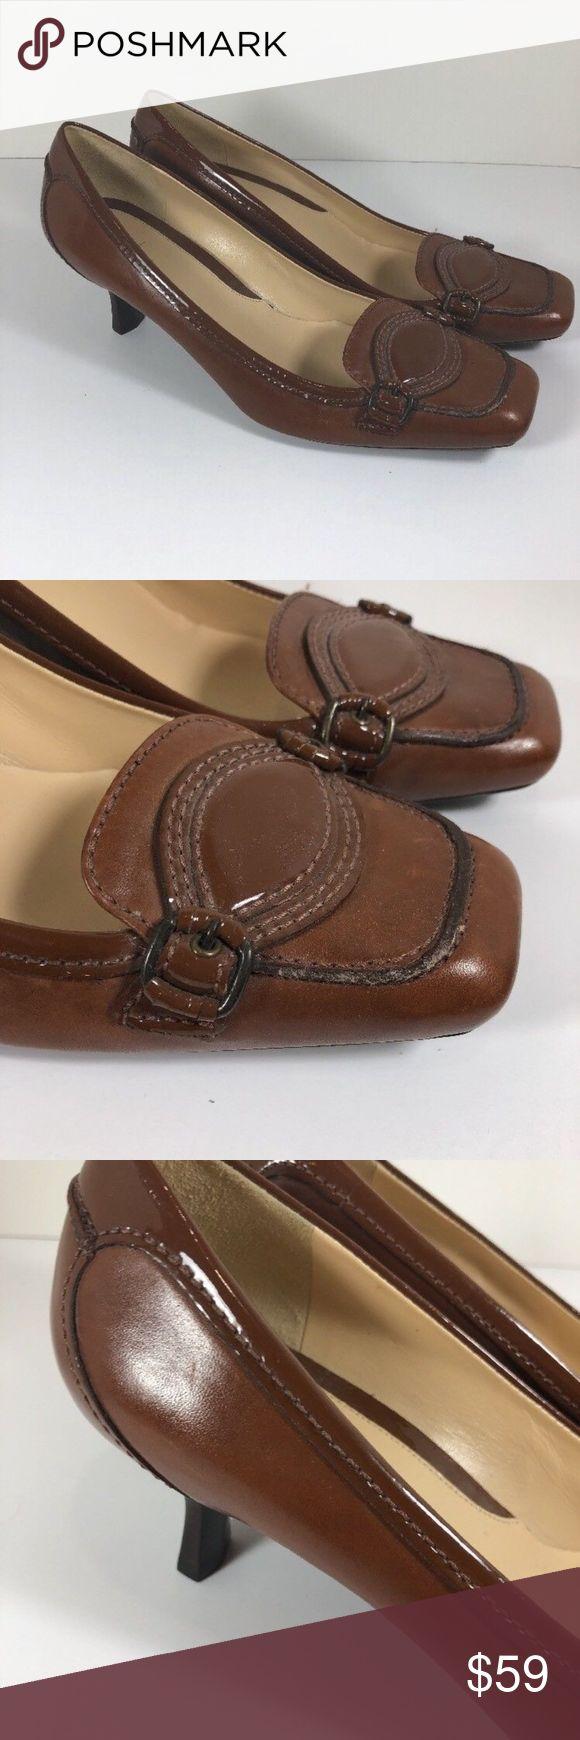 Cole Haan Brown Penny Loafer Kitten Heel Pumps Cole Haan Penny Loafer Pumps Womens Size 9 1/2 B Brown Leather  Kitten Heel  Patent leather accent  Very minimal wear - no heel wear Cole Haan Shoes Heels